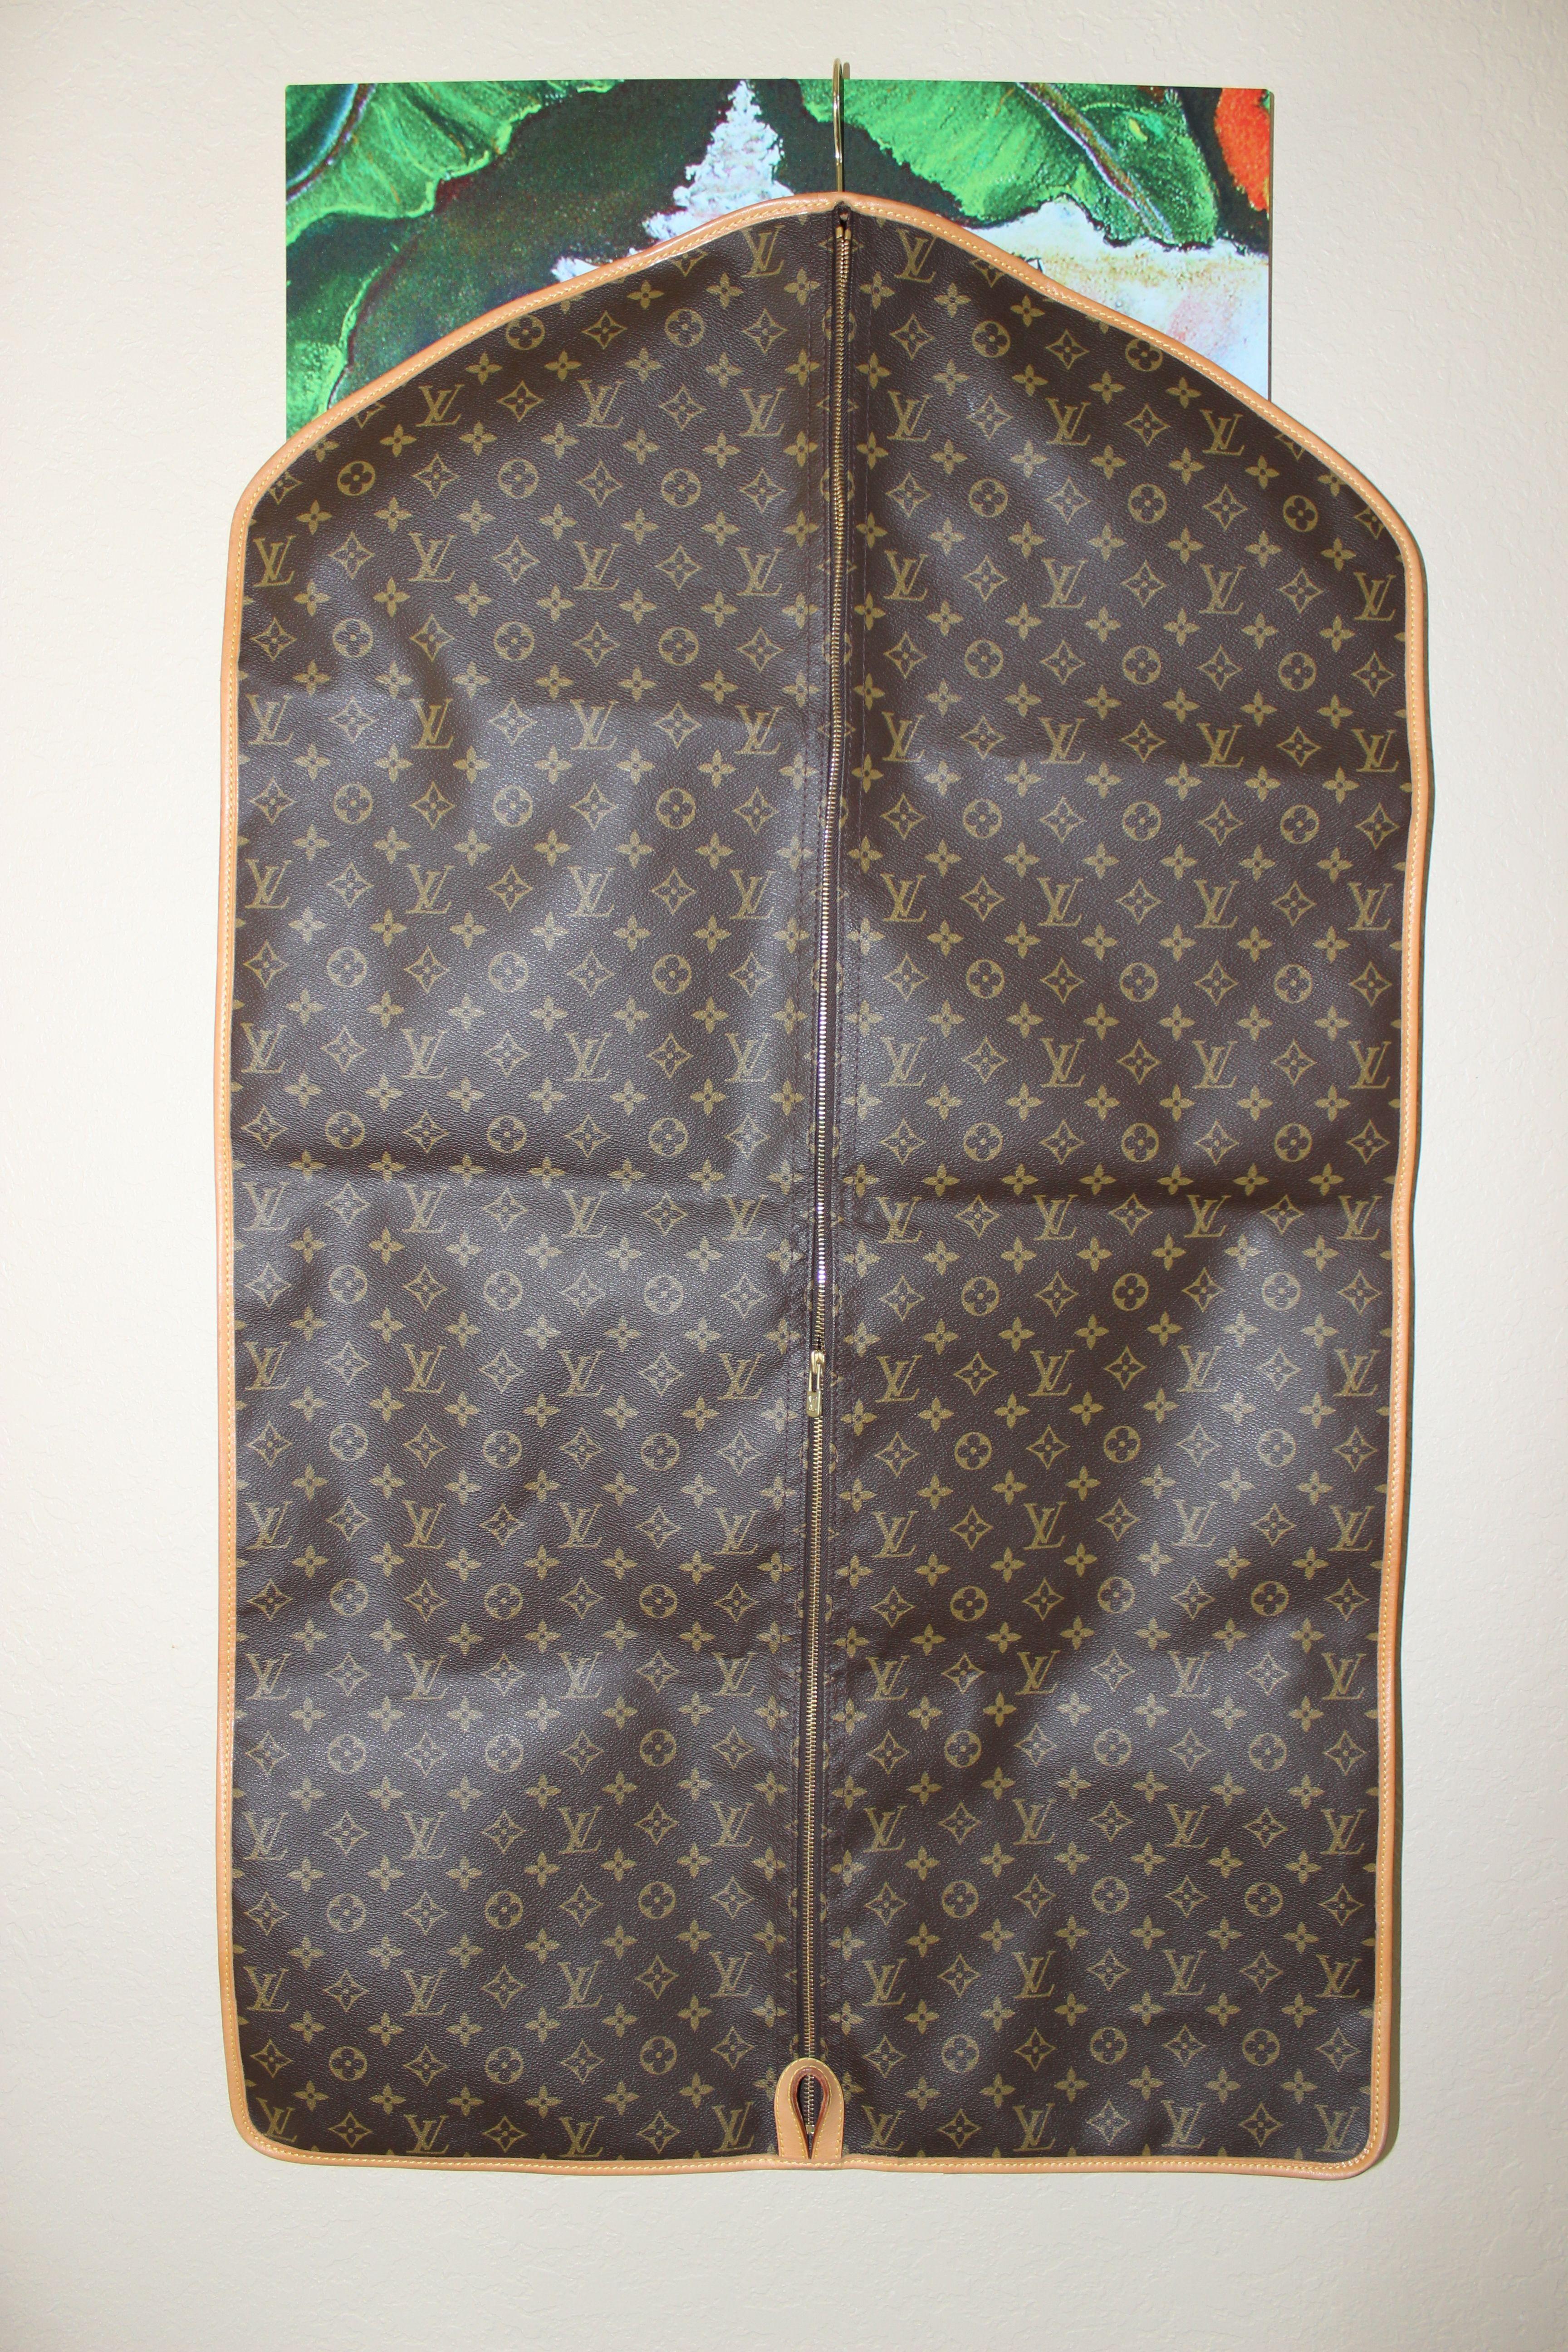 9ecd2a783968 Louis Vuitton Garment Bag www.kimberlyhahnstreasures.com ...